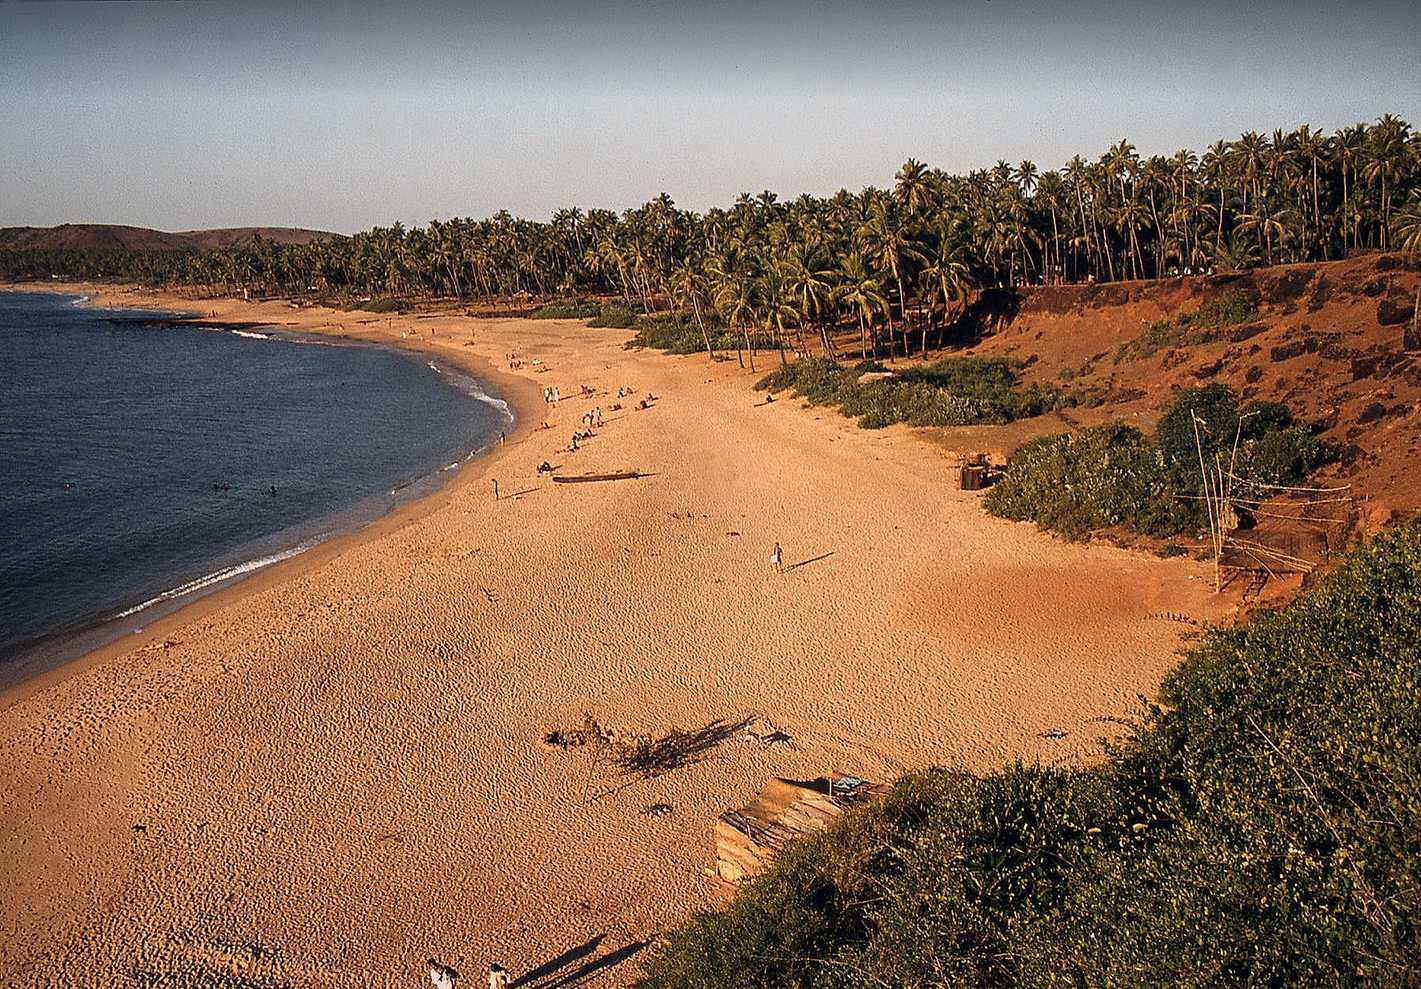 Пляж Анджуна, Гоа, Индия, Декабрь 1979 (Photo by Hauxwell Harland).